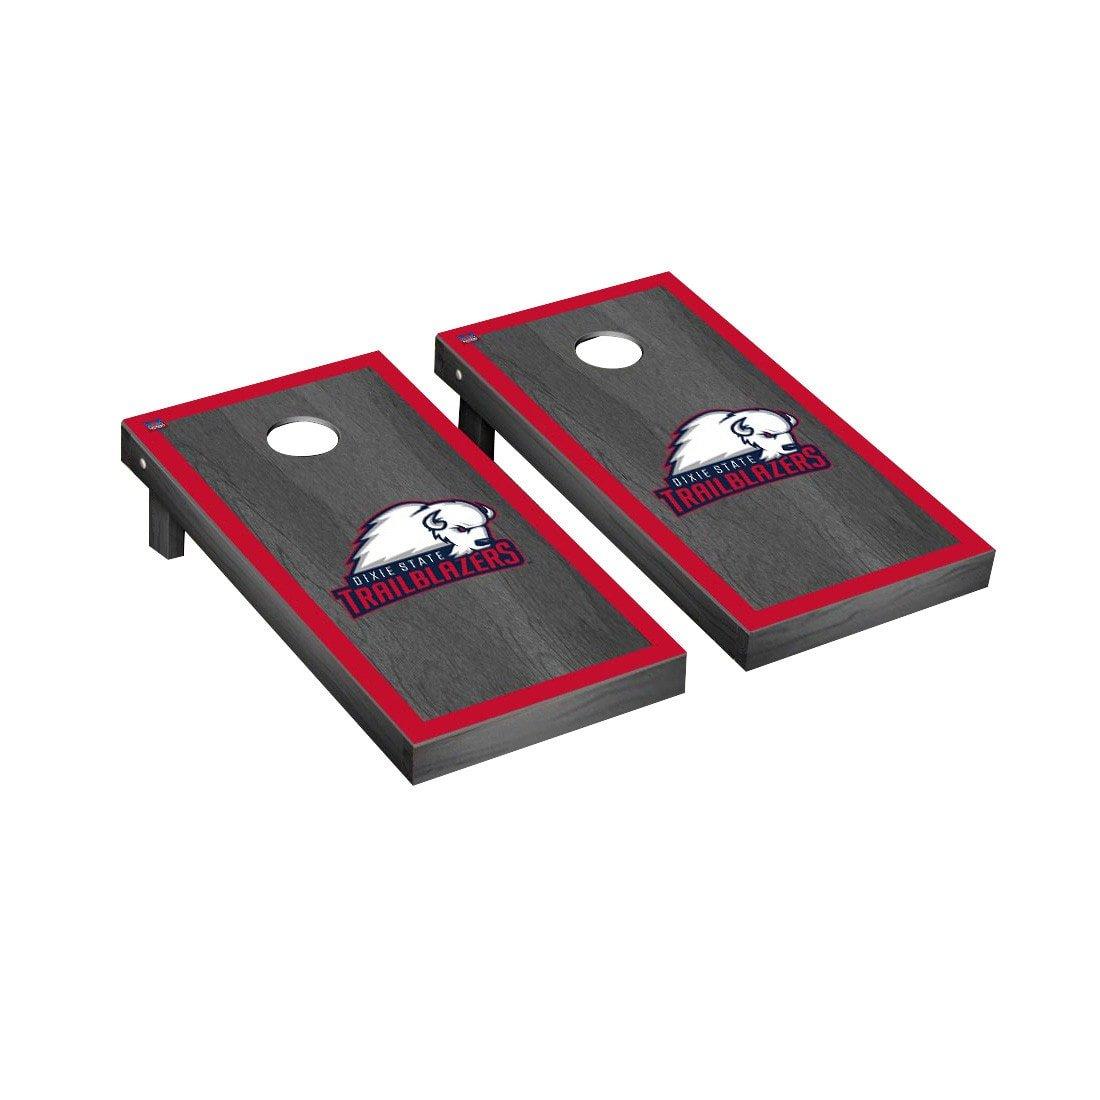 卸し売り購入 Dixie State Trailblazers Game Cornhole Game SetオニキスStained Borderバージョン State B0178MJILO B0178MJILO, 家具shop GfoReT:76ce3a61 --- arianechie.dominiotemporario.com